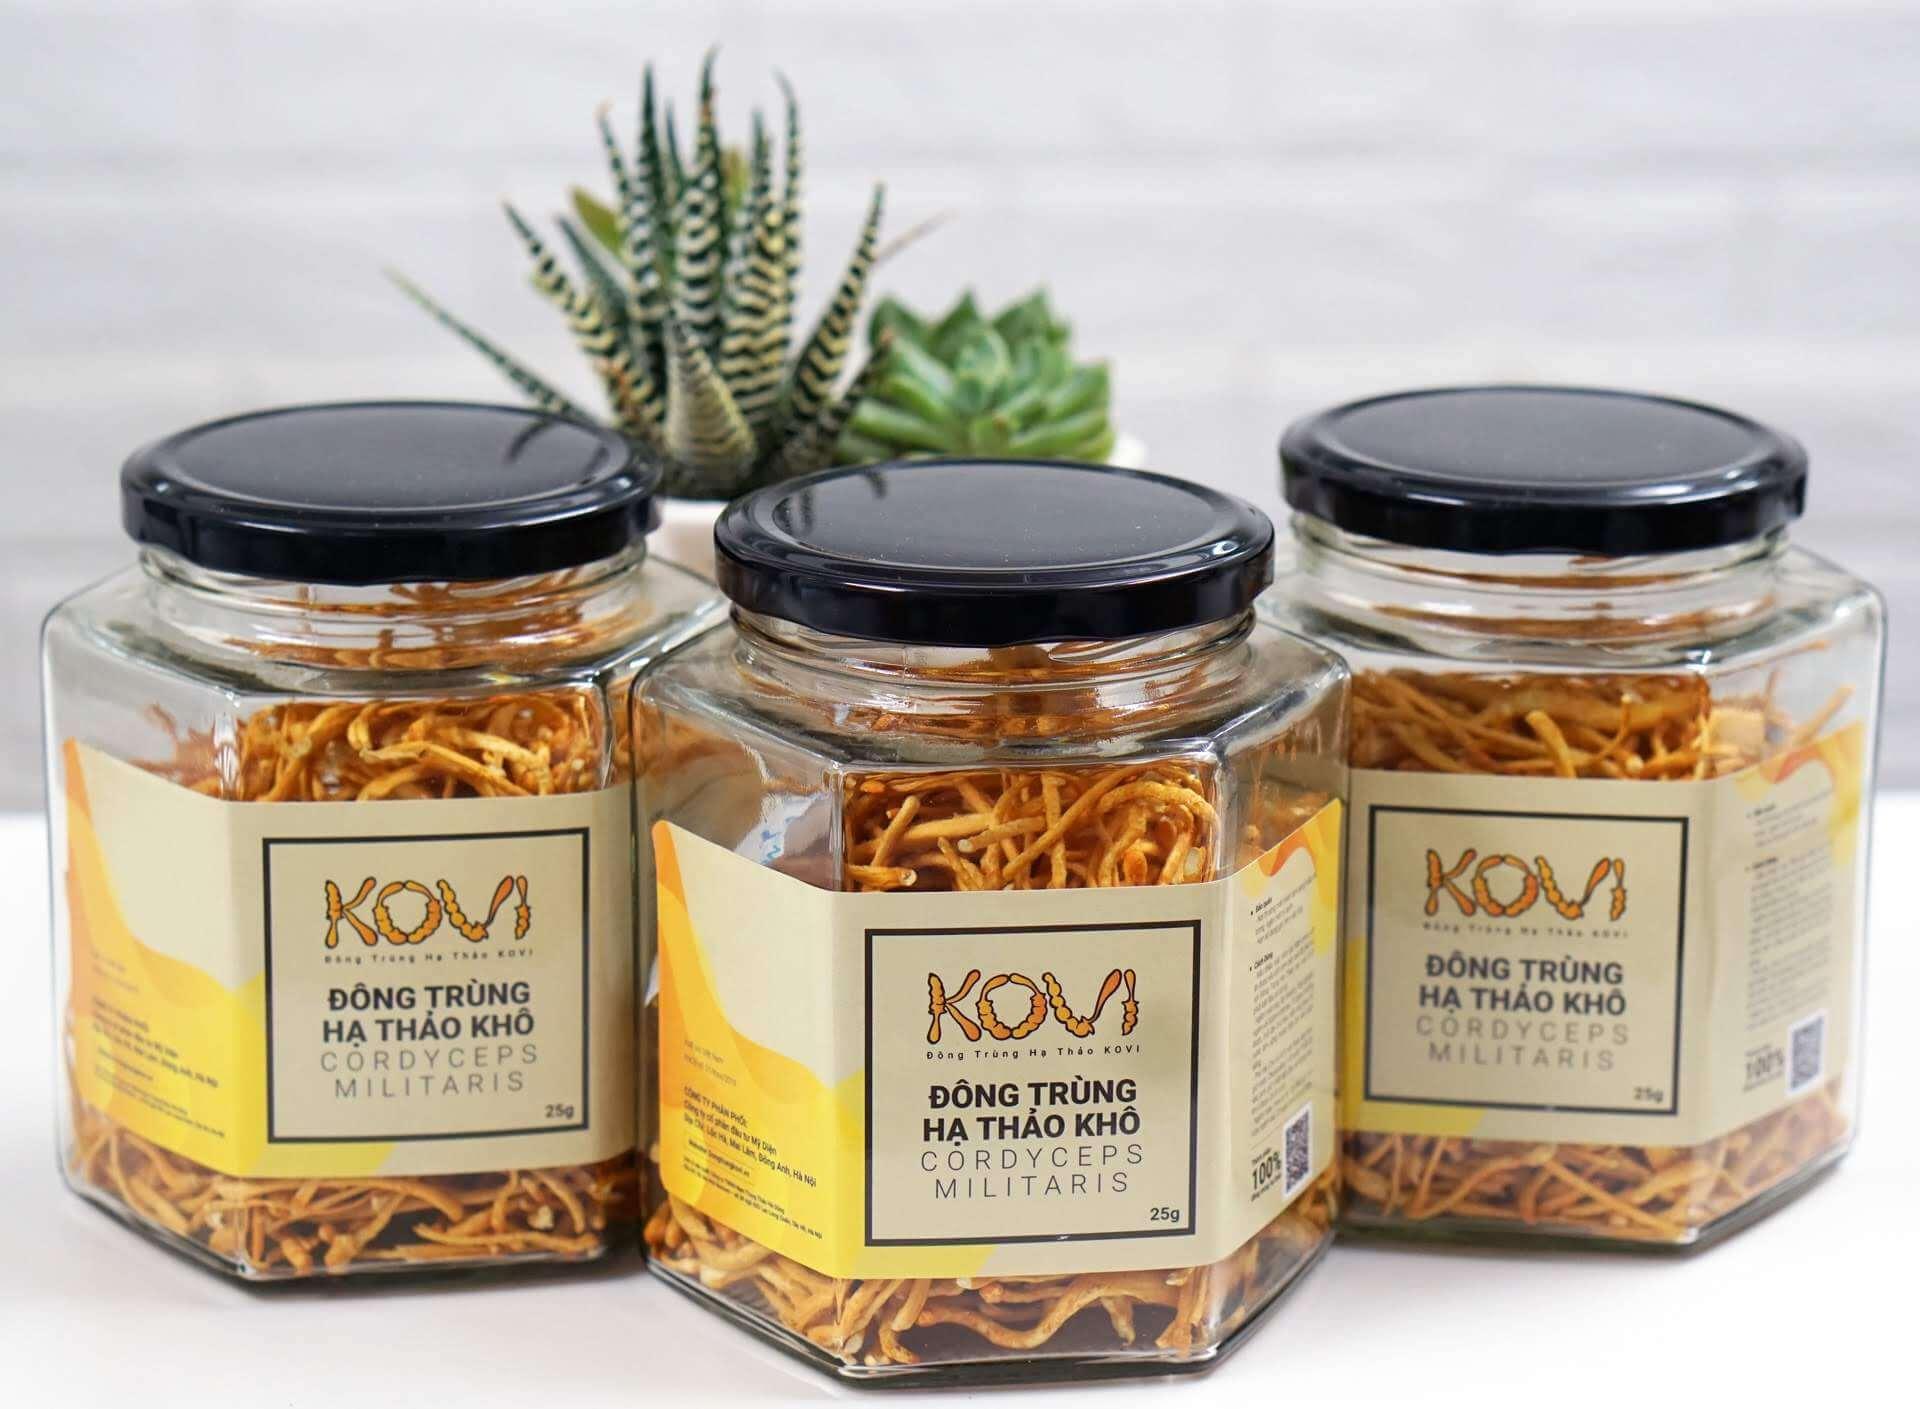 Đông trùng hạ thảo dạng khô được sản xuất theo phương pháp sấy thăng hoa